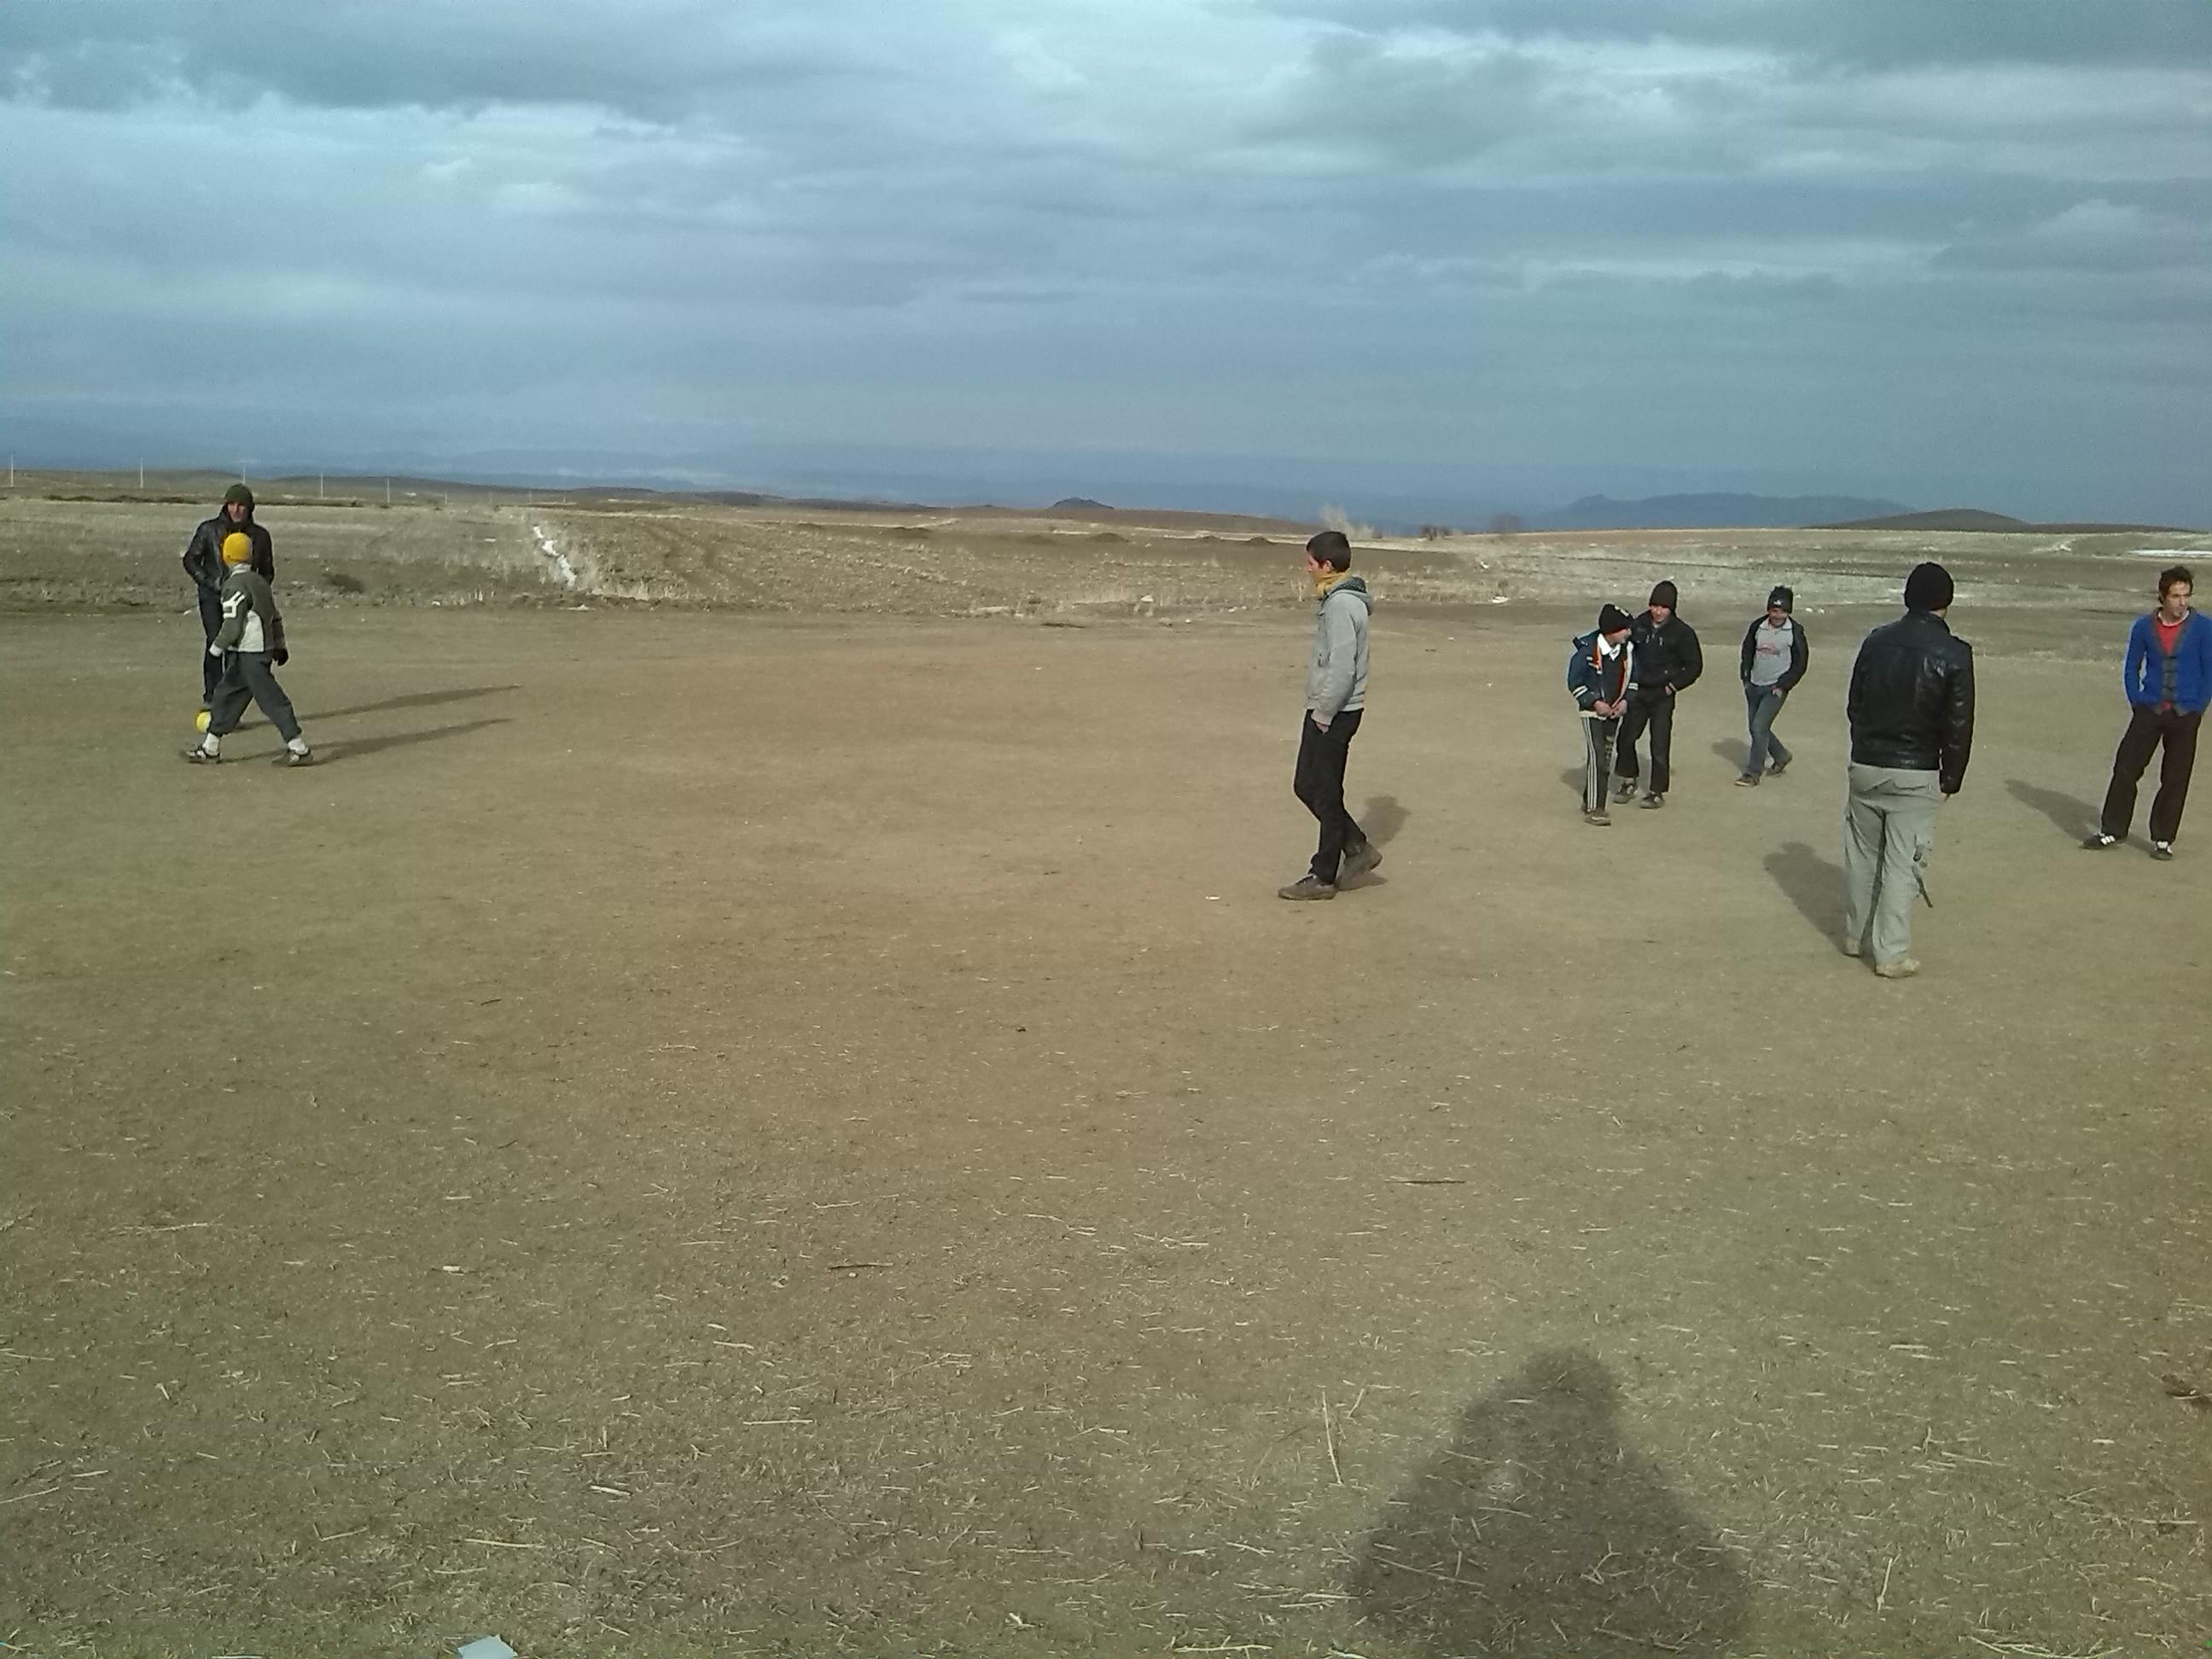 بازی فوتبال در روستا